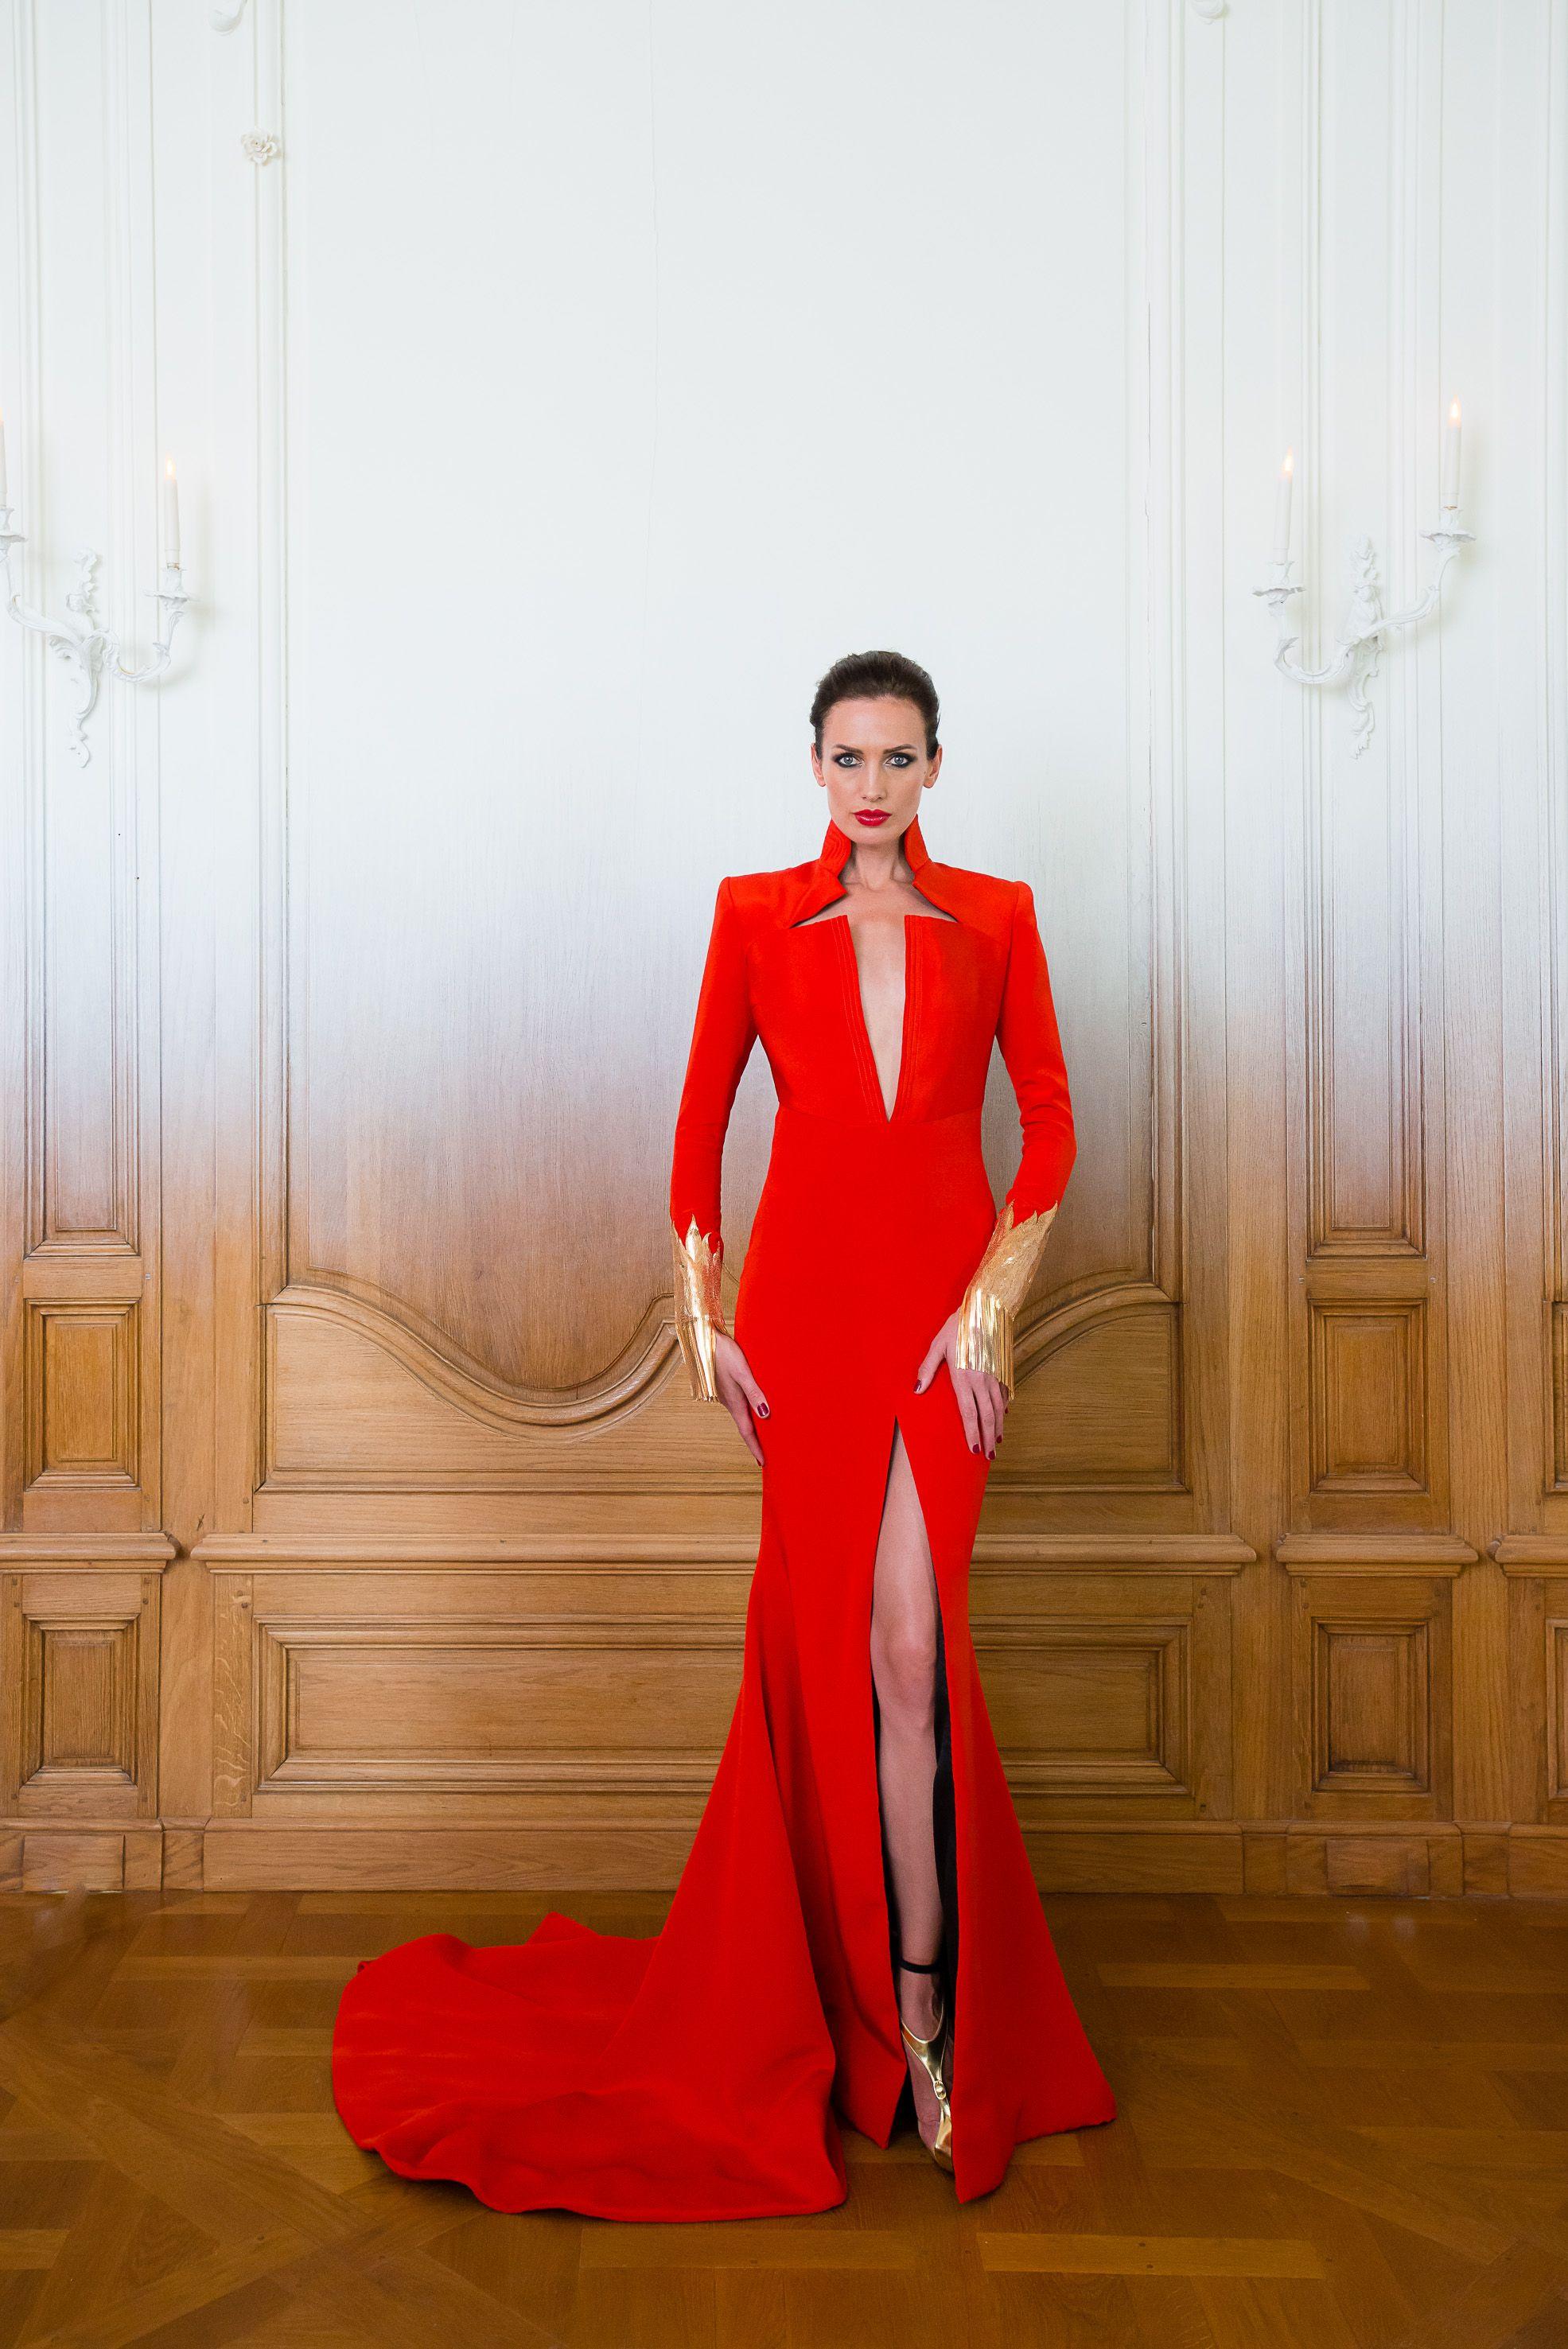 belles chaussures choisir véritable dernière collection Robe longue smoking en crêpe drap rouge brodée de chaines or ...